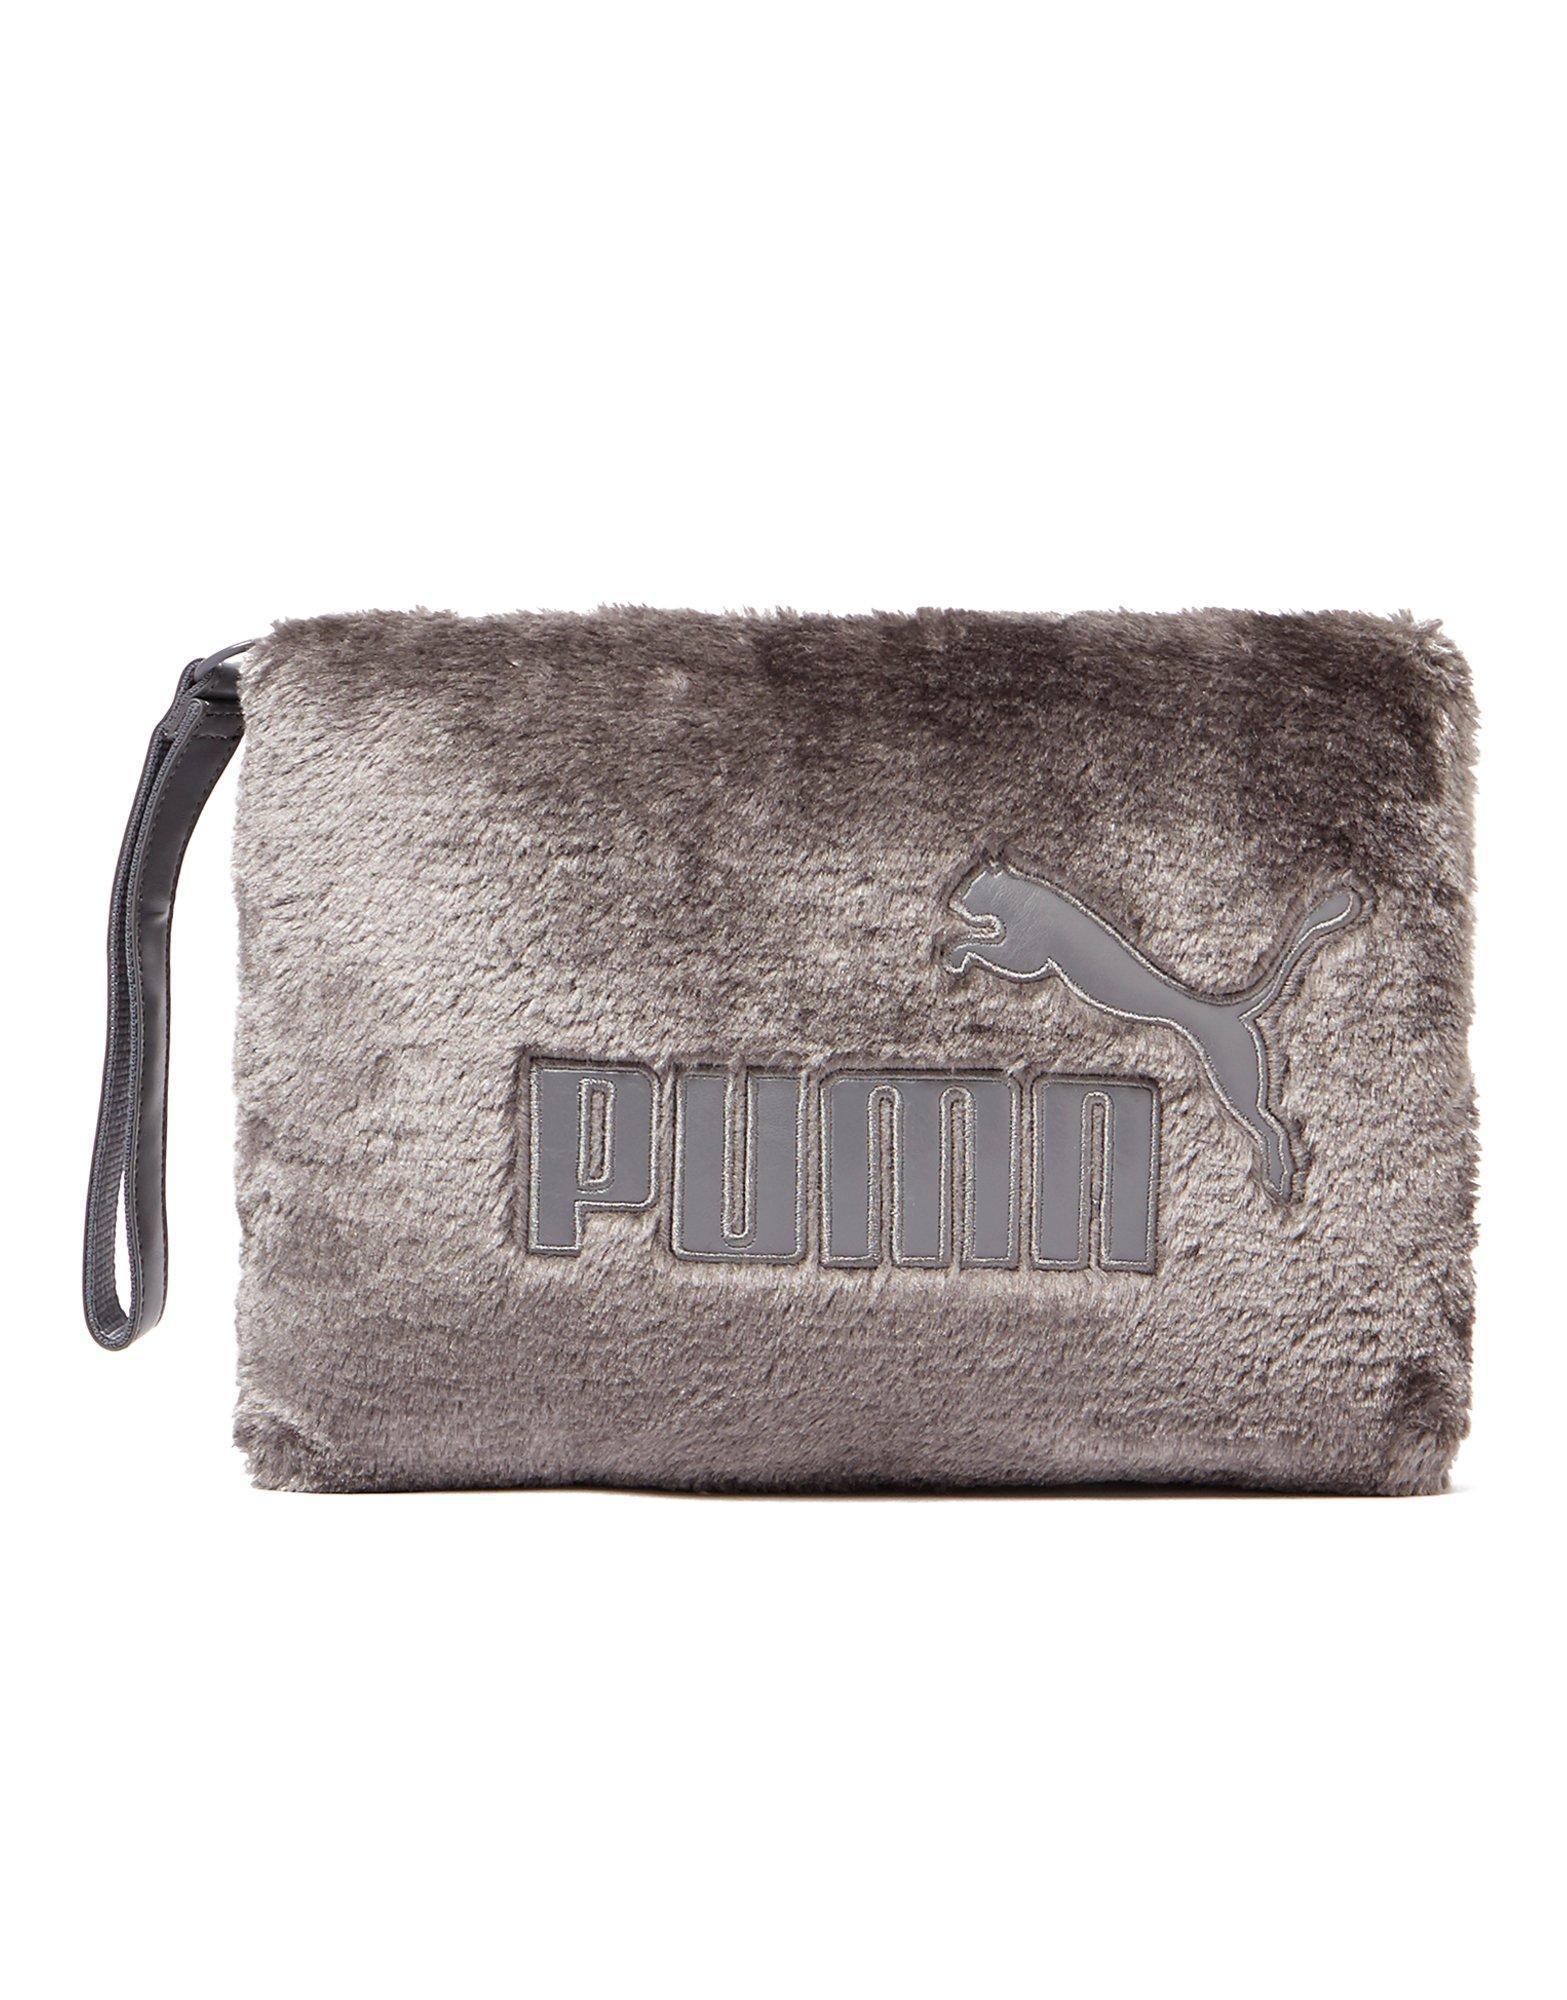 3495a05f2121 Lyst - PUMA Fur Clutch Bag in Purple